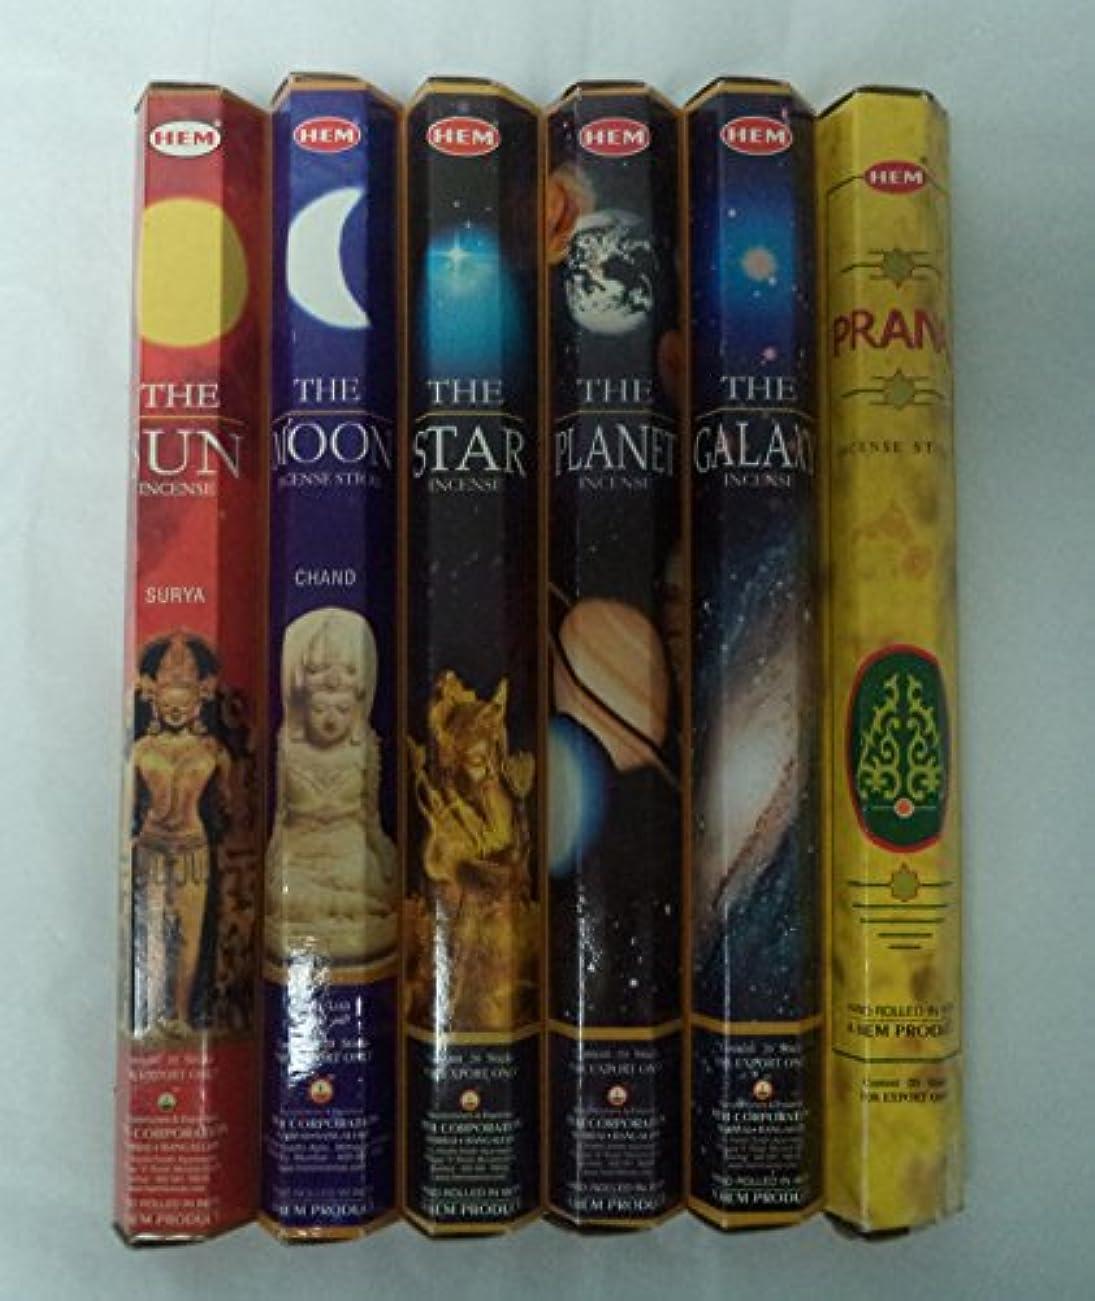 びっくりする道路手紙を書く裾Universe Incenseセット: Sun Moon Star Planet Galaxy Prana 6 x 20 = 120 Sticks